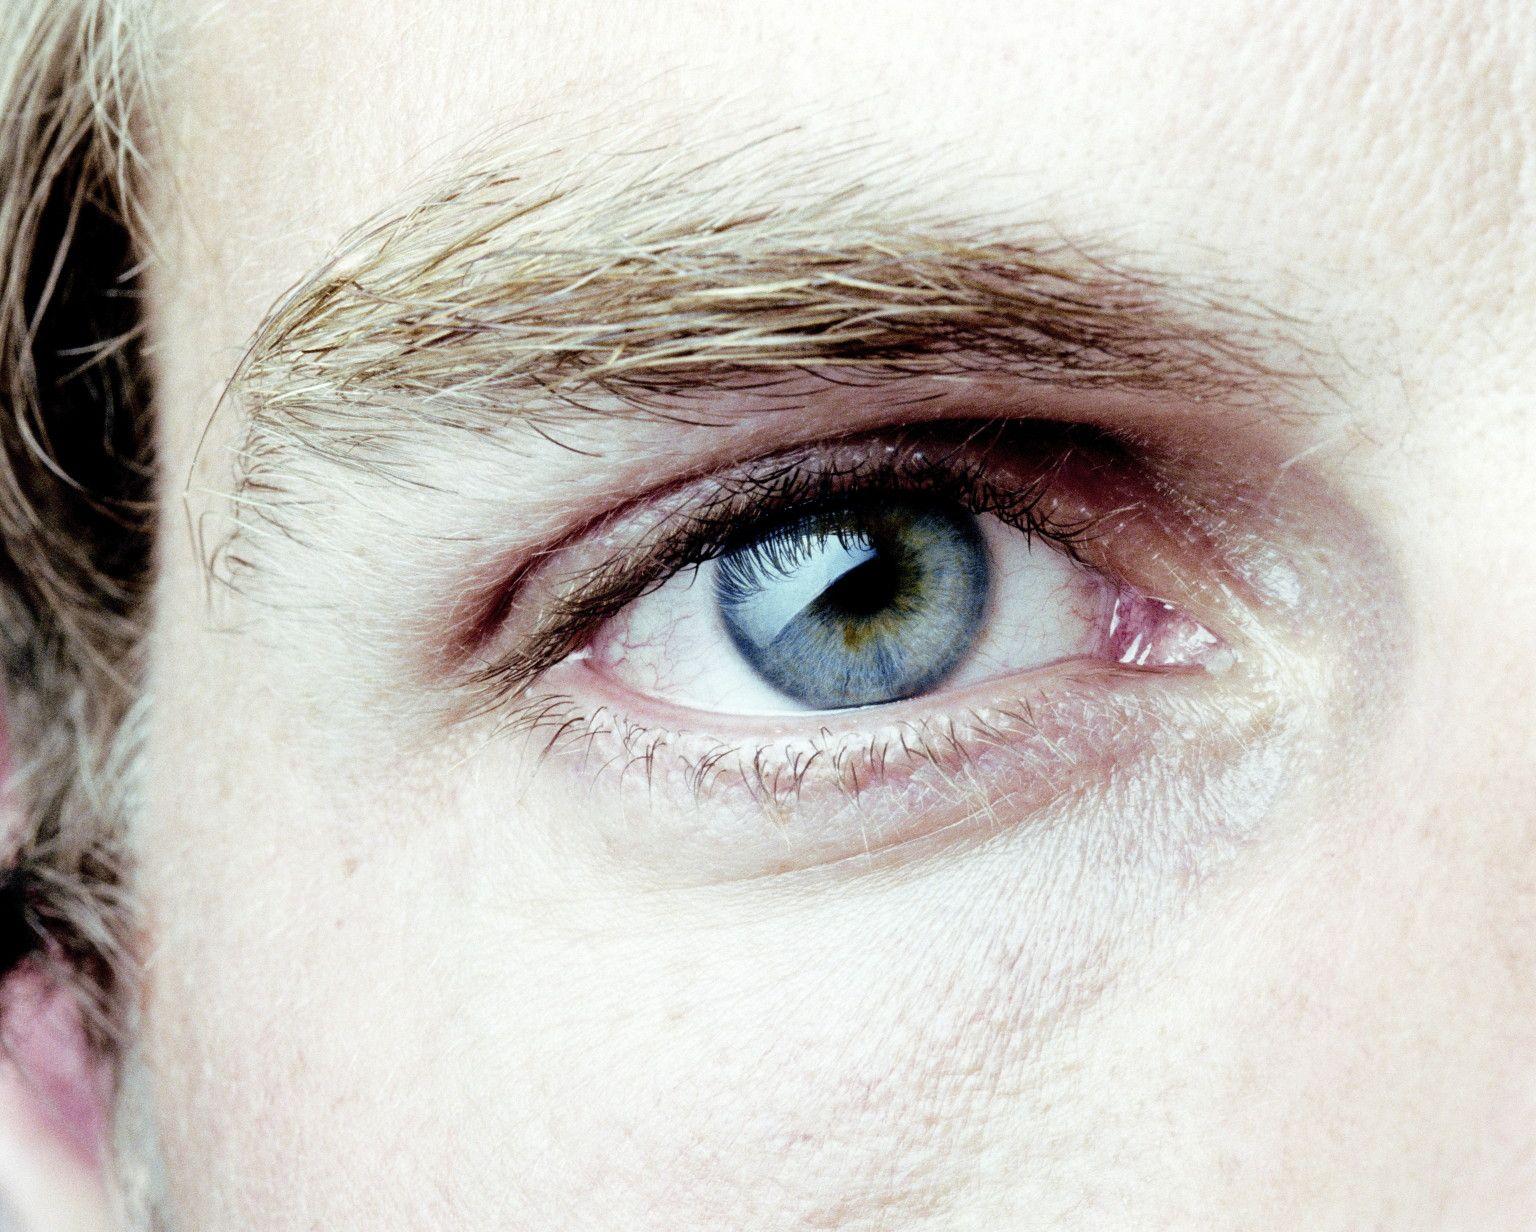 фото серых глаз мужских себя, говорит вам